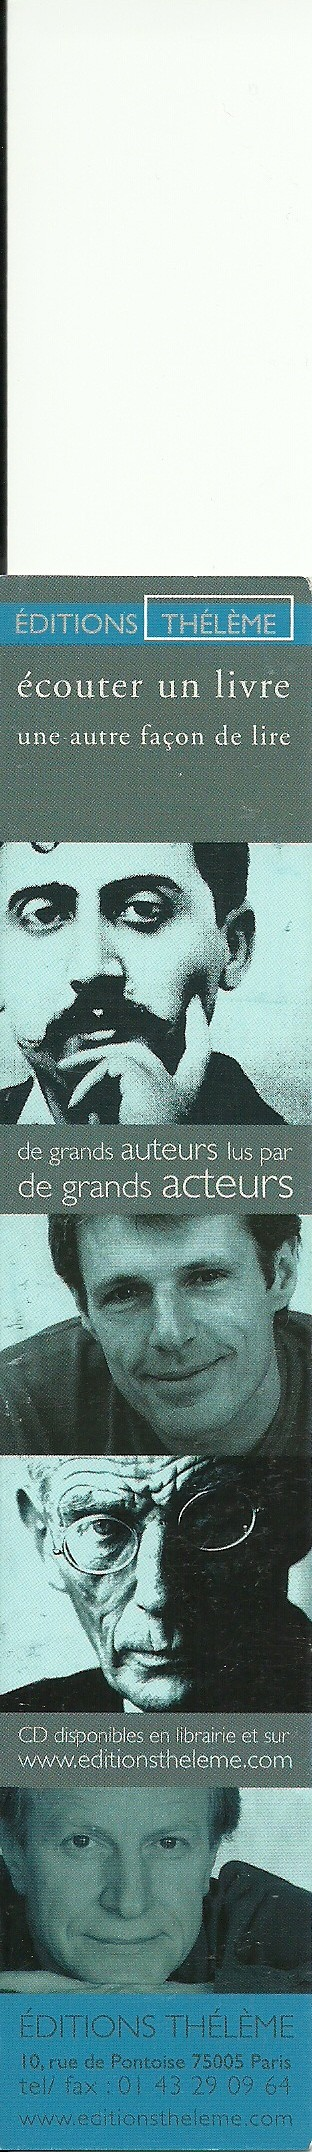 Doubles d'Alain Numar276